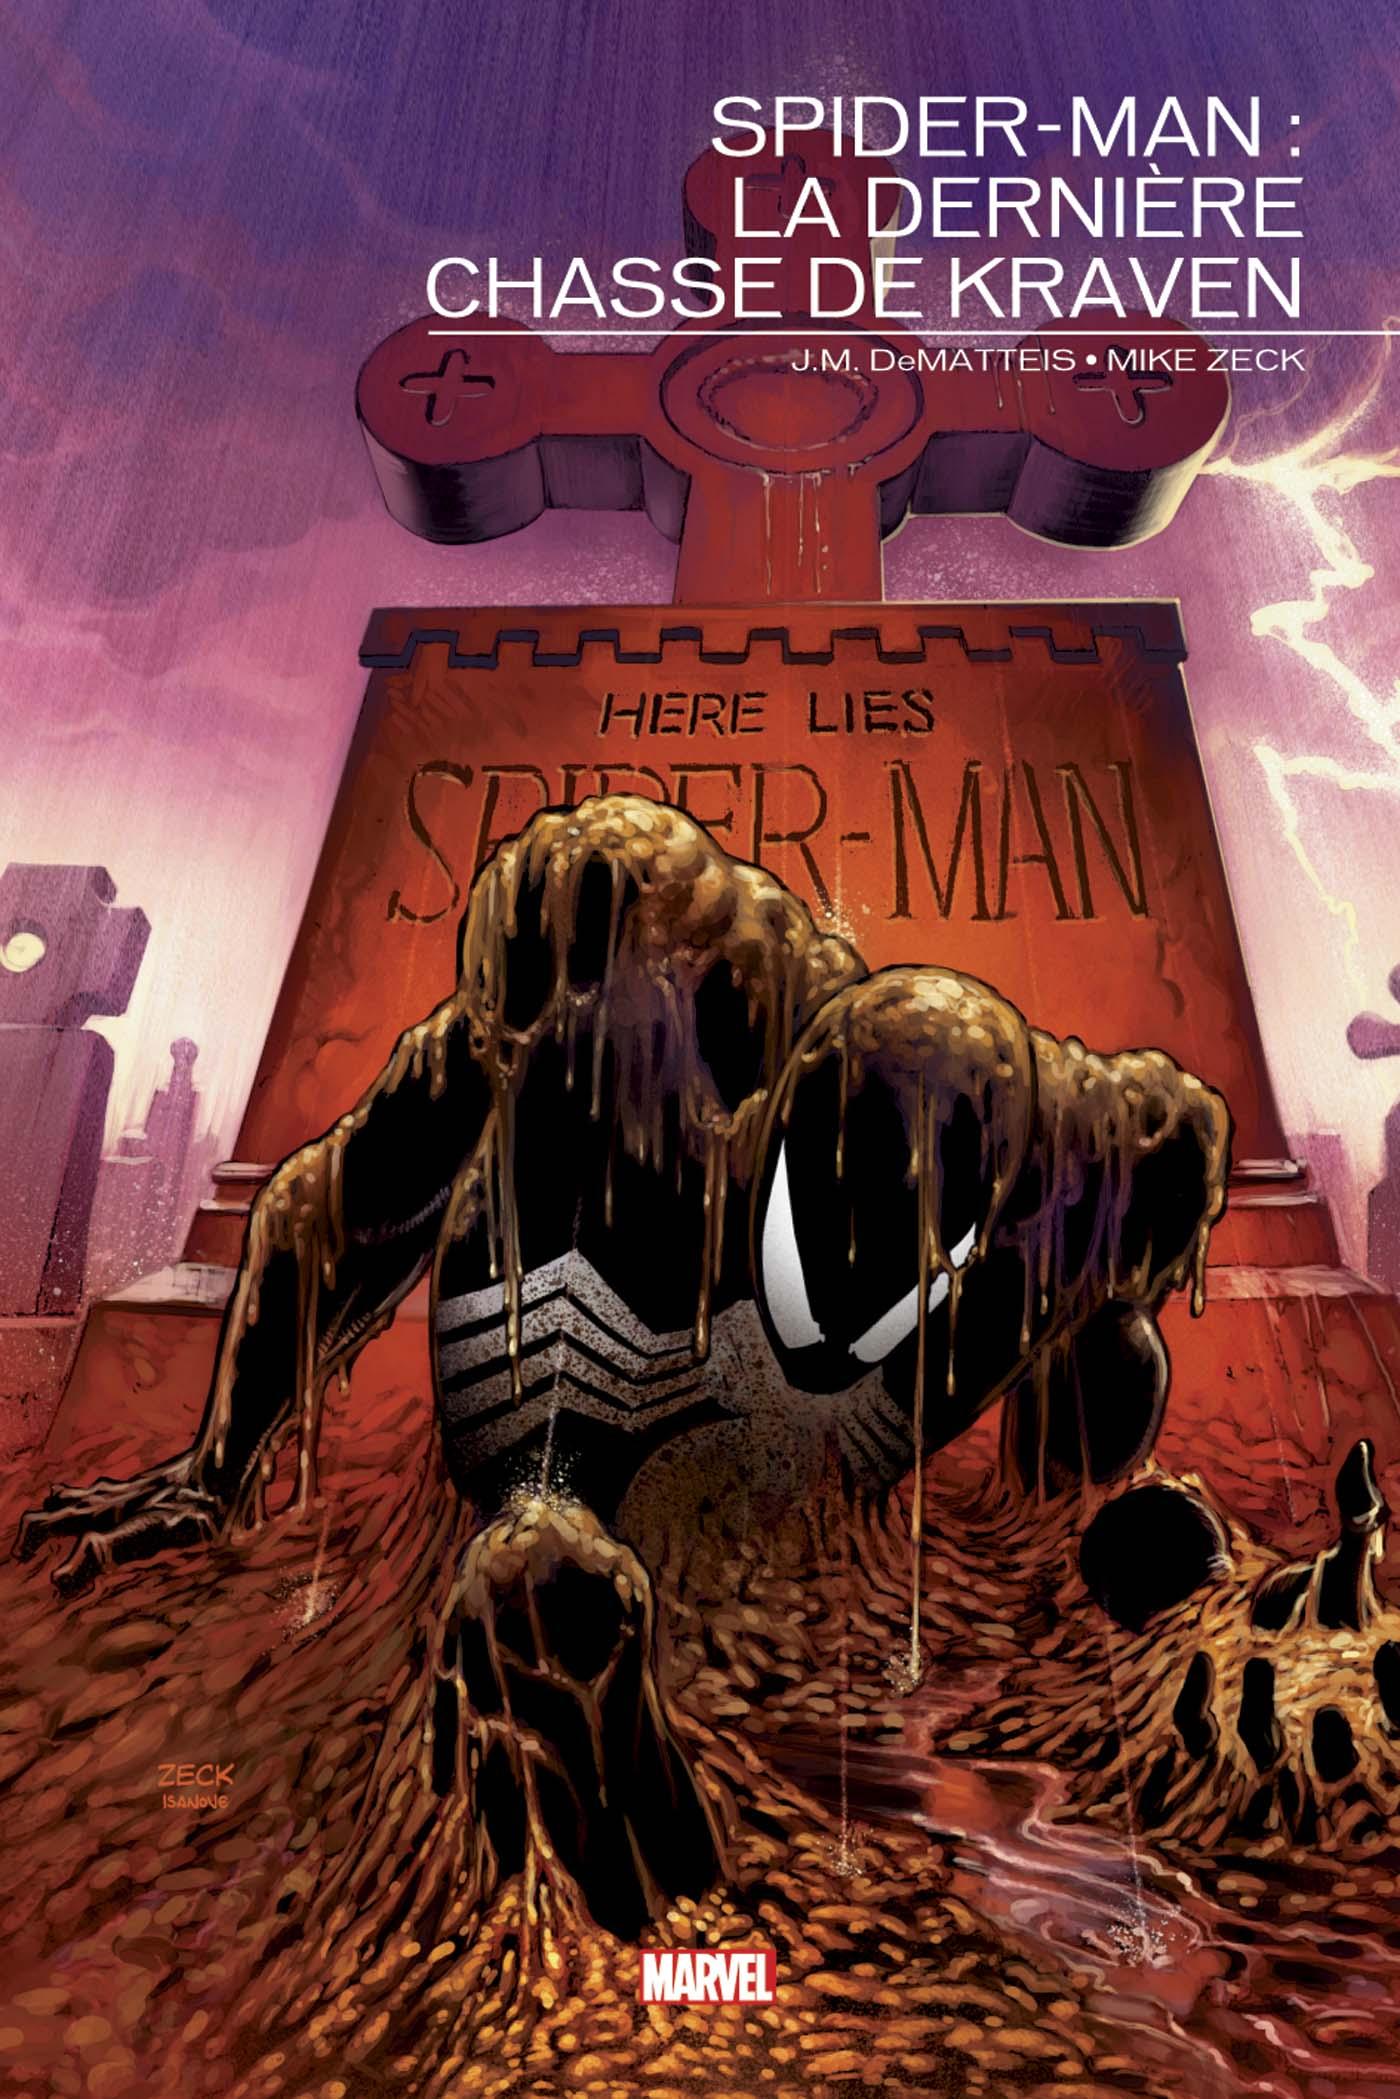 Spider-Man - La Dernière Chasse de Kraven 1 - MARVEL EVENTS - SPIDER-MAN - LA DERNIERE CHASSE DE KRAVEN